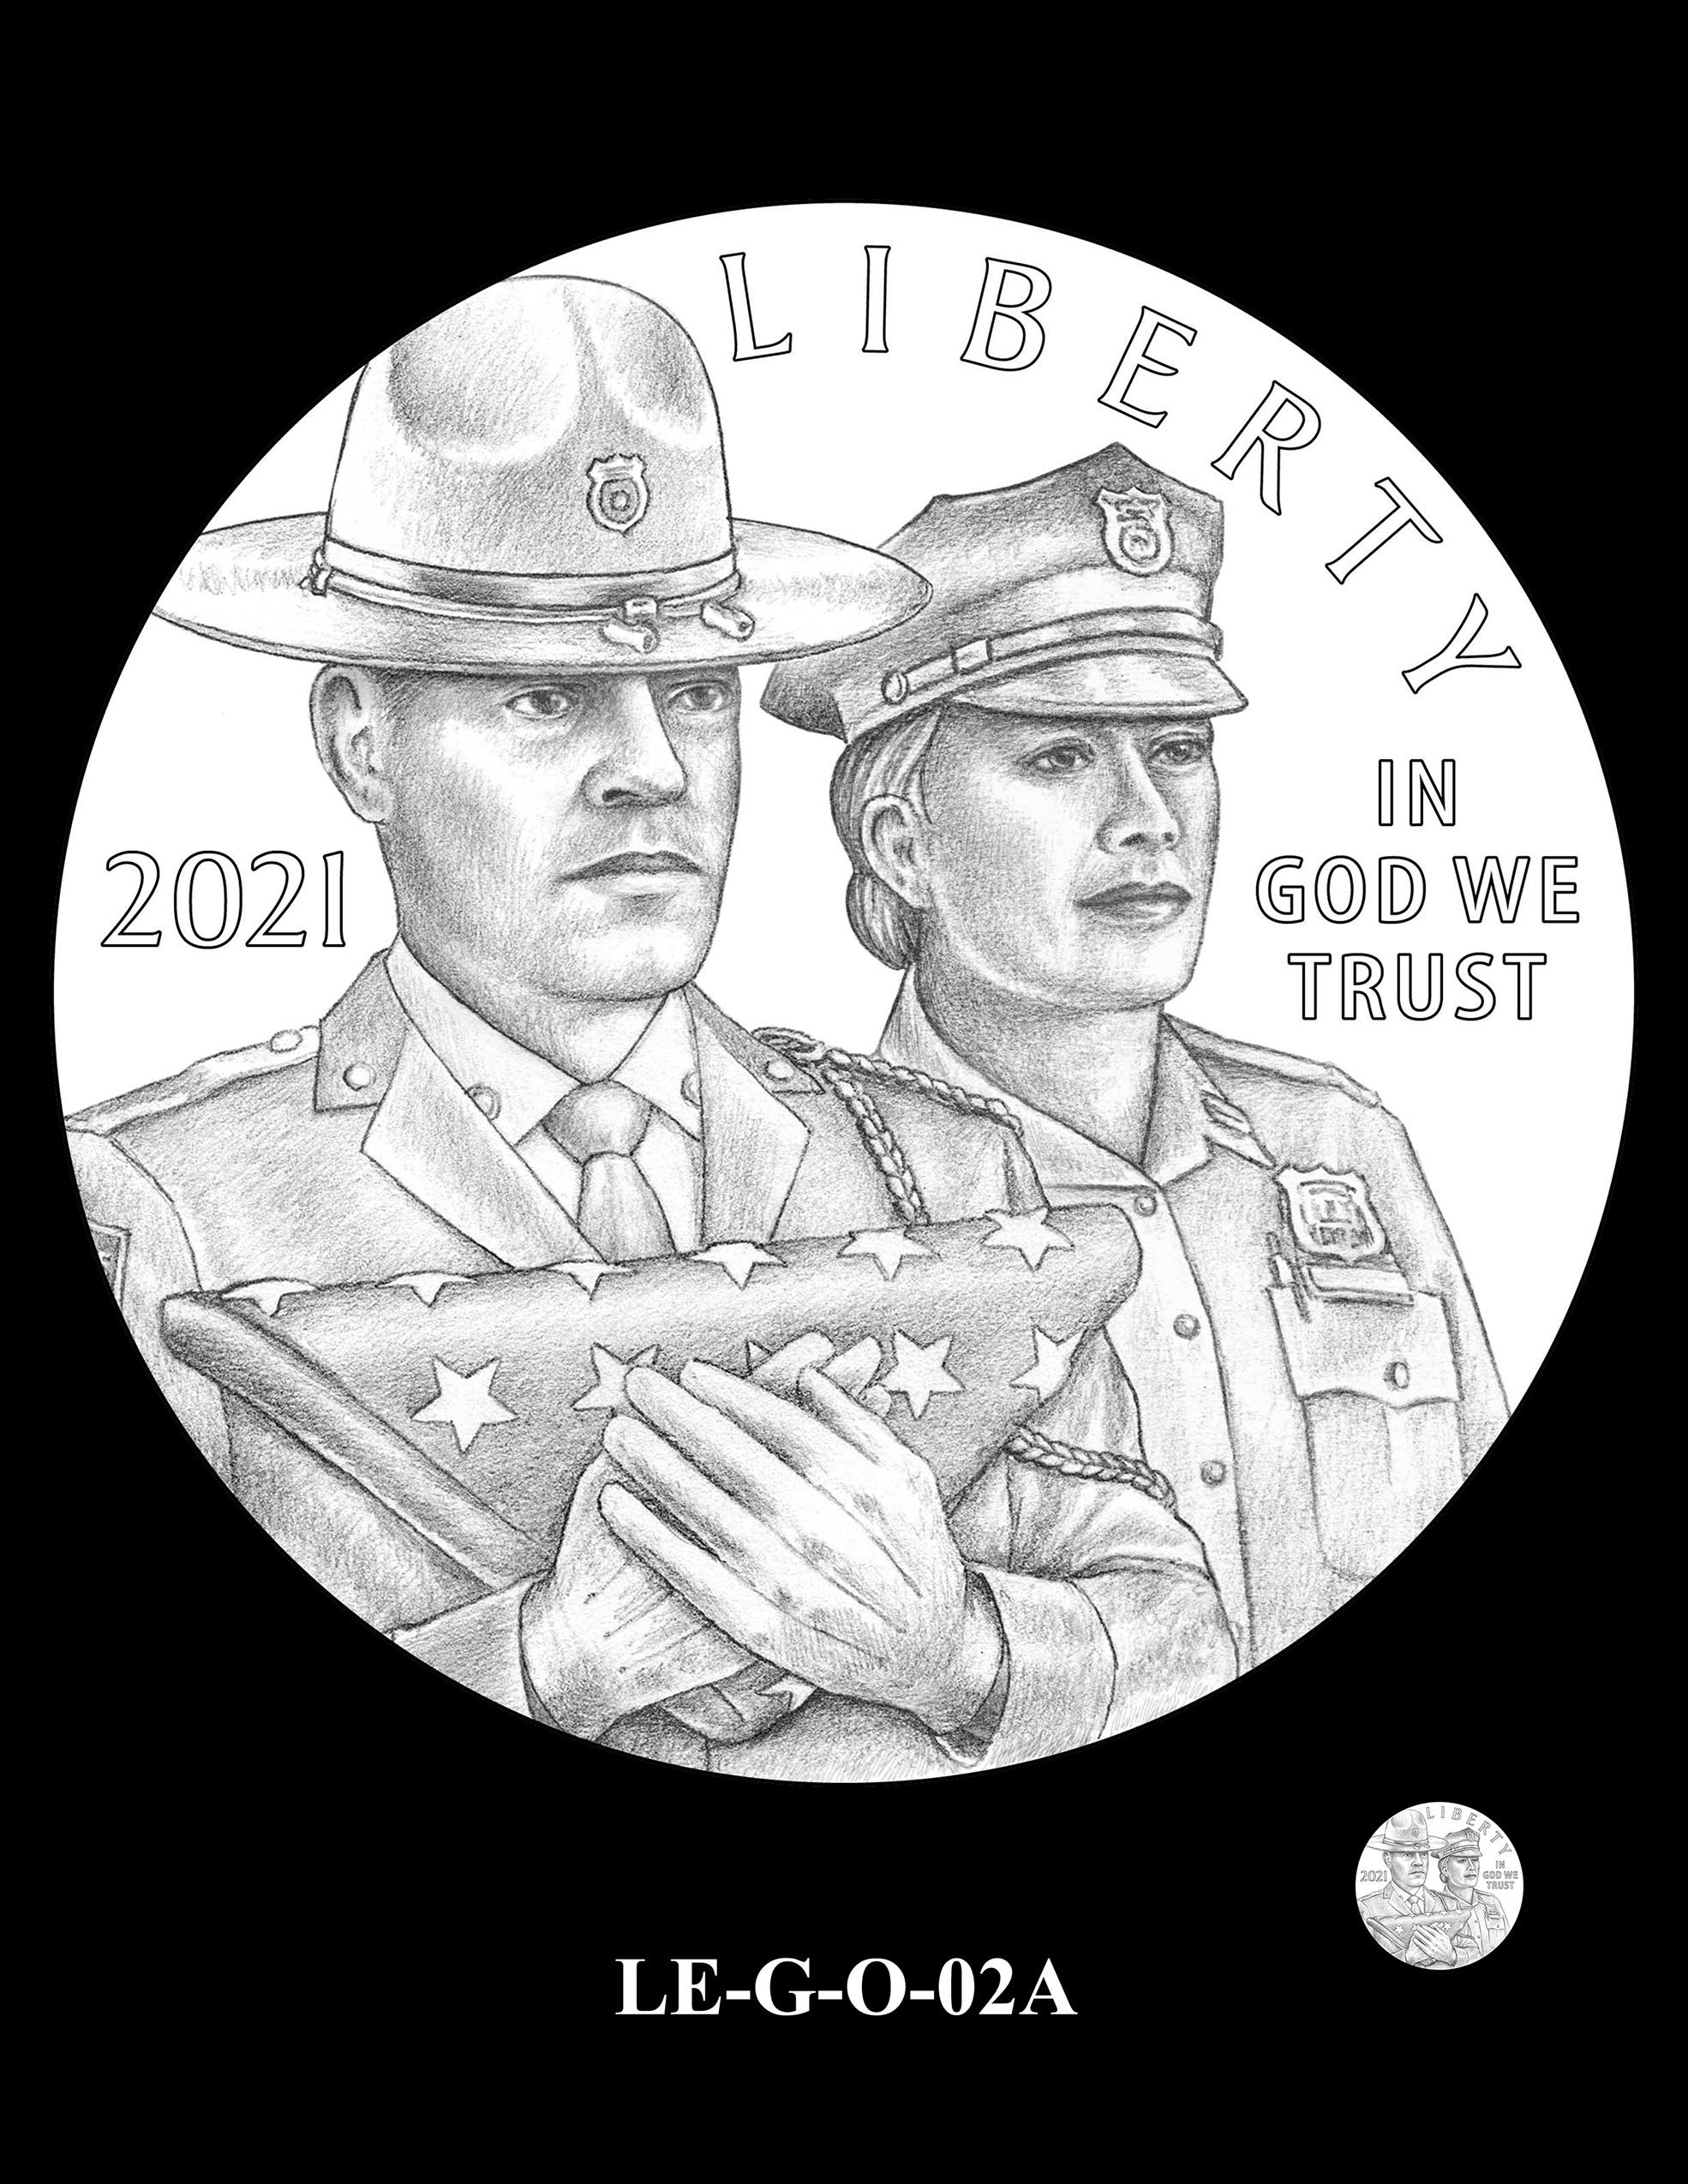 LE-G-O-02A -- National Law Enforcement Museum Commemorative Coin Program